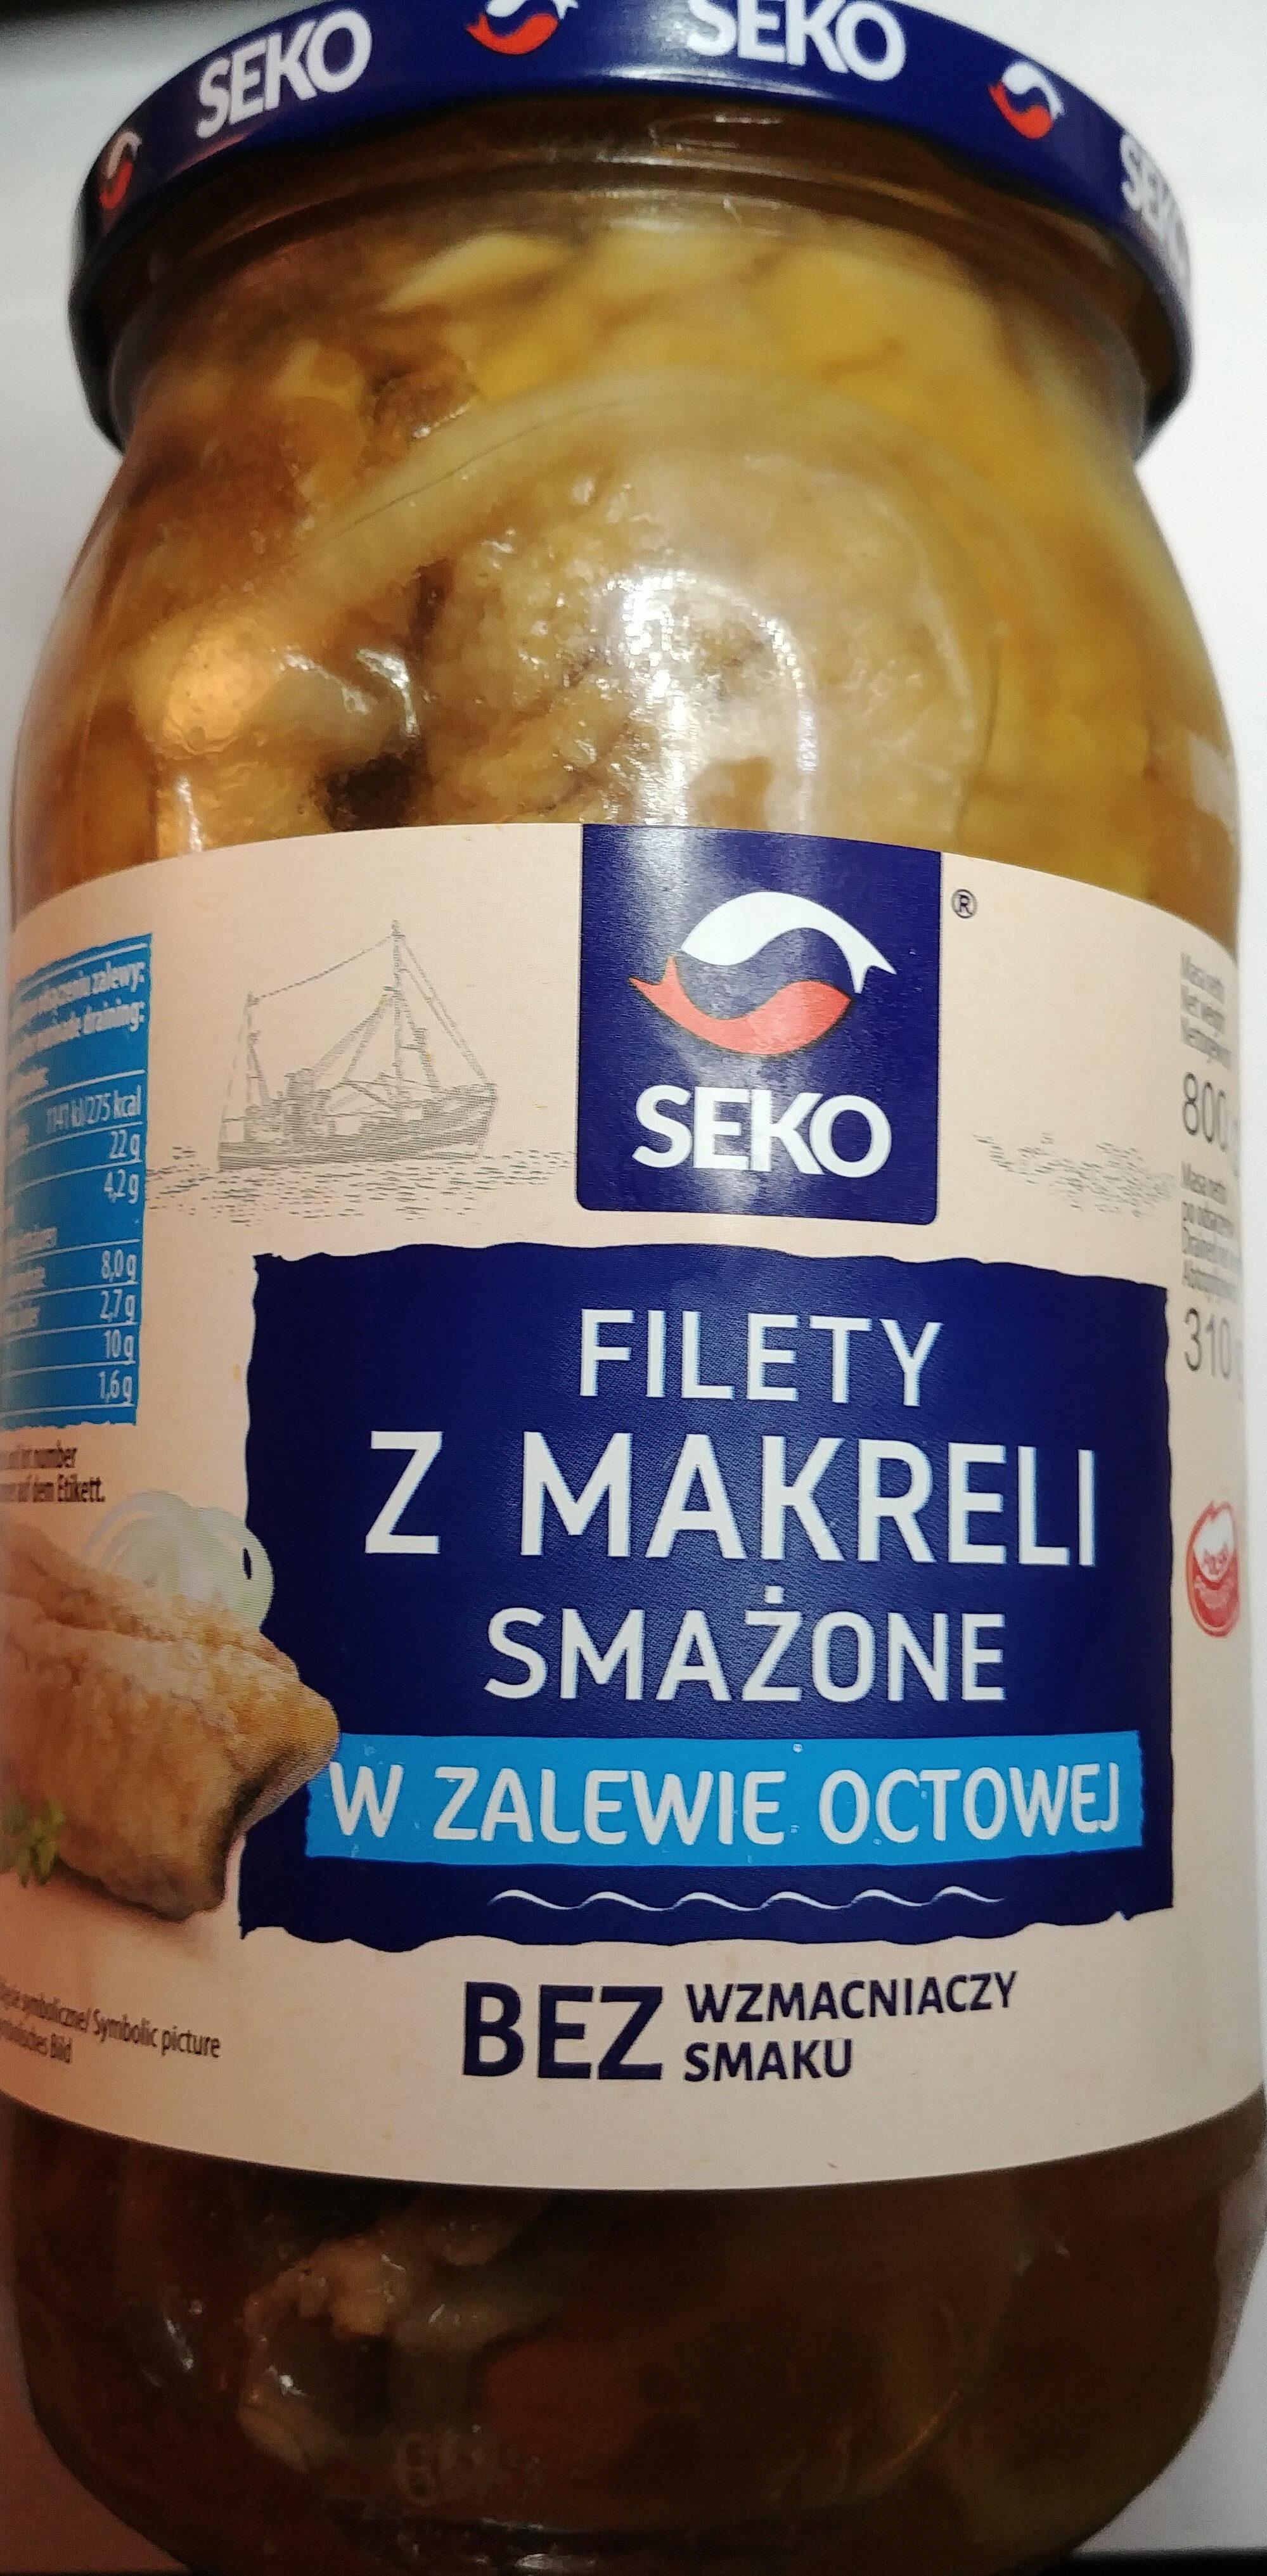 Filety z makreli smażone w zalewie octowej - Product